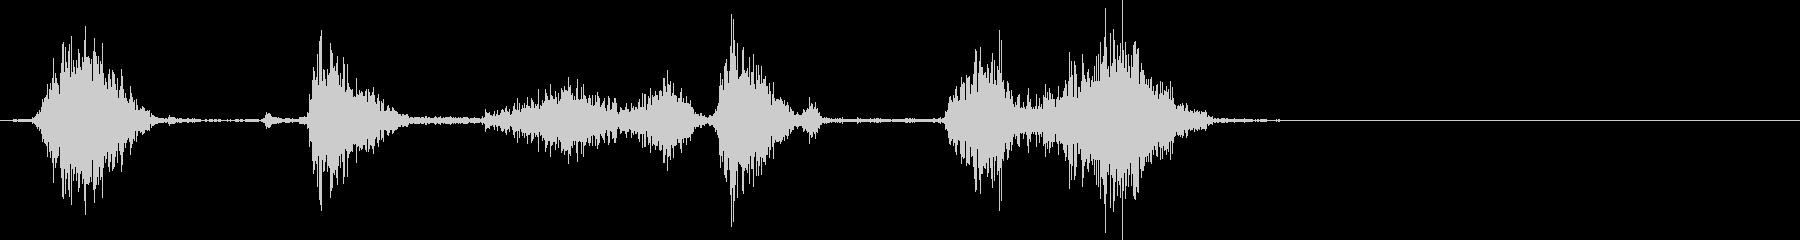 マジックで書く・記入する音(高・短)の未再生の波形